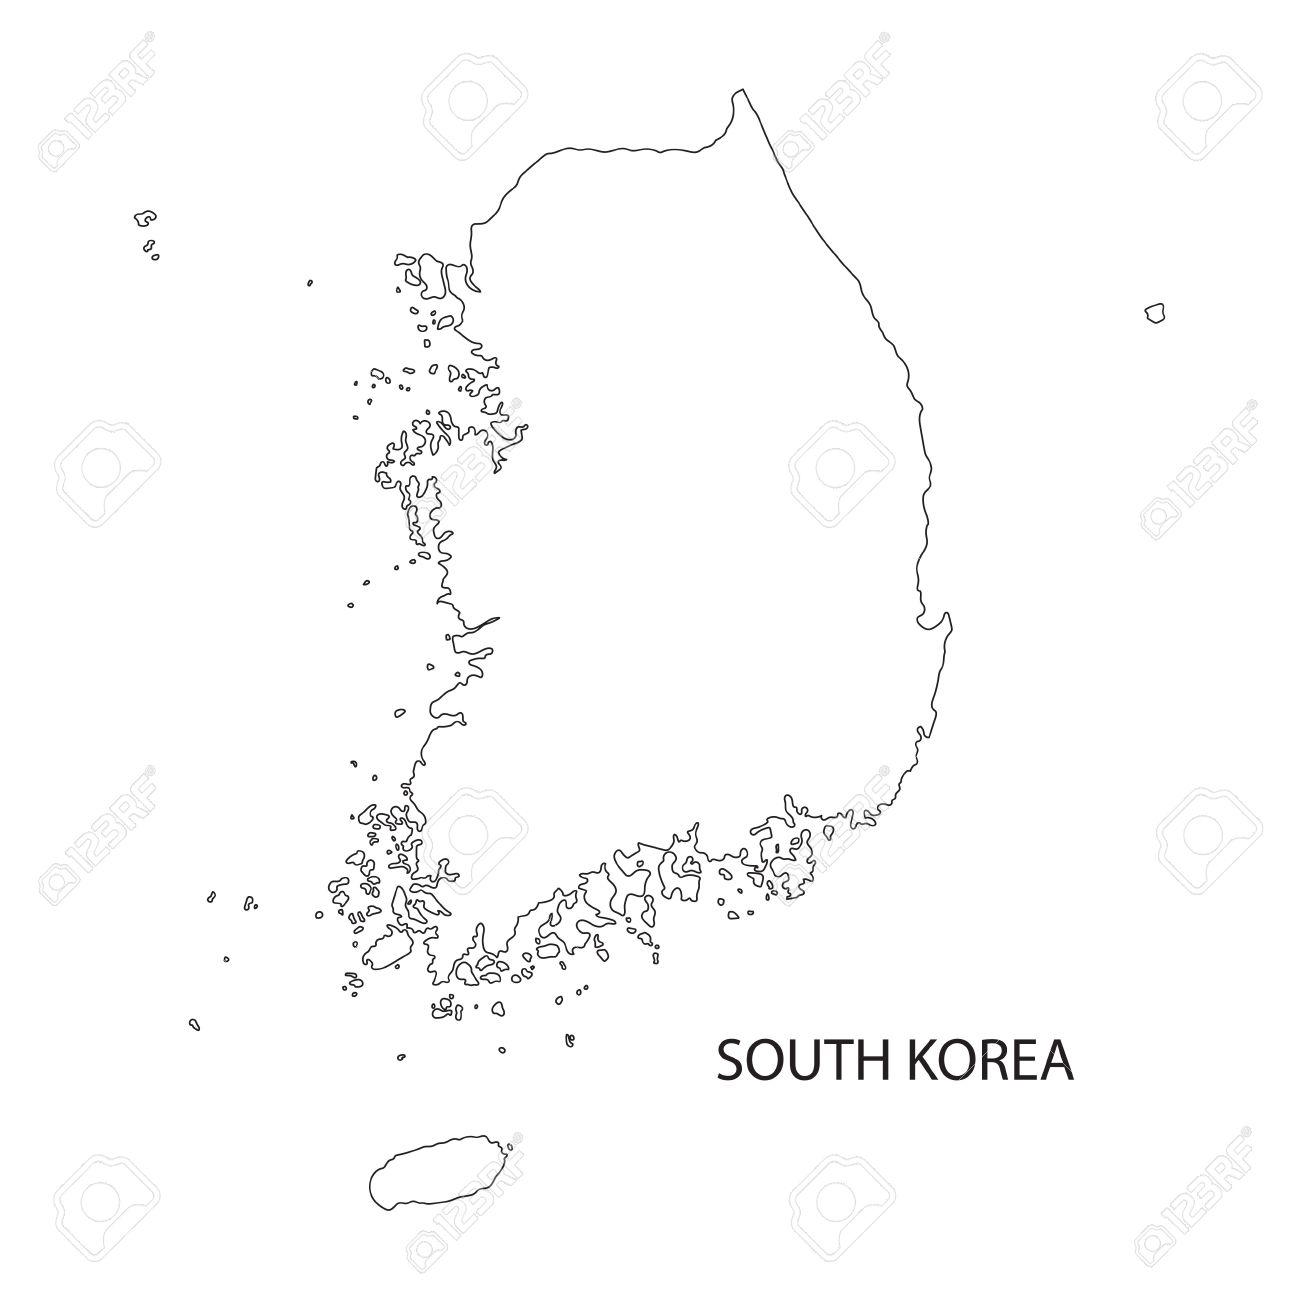 outline map of South Korea - 46076113